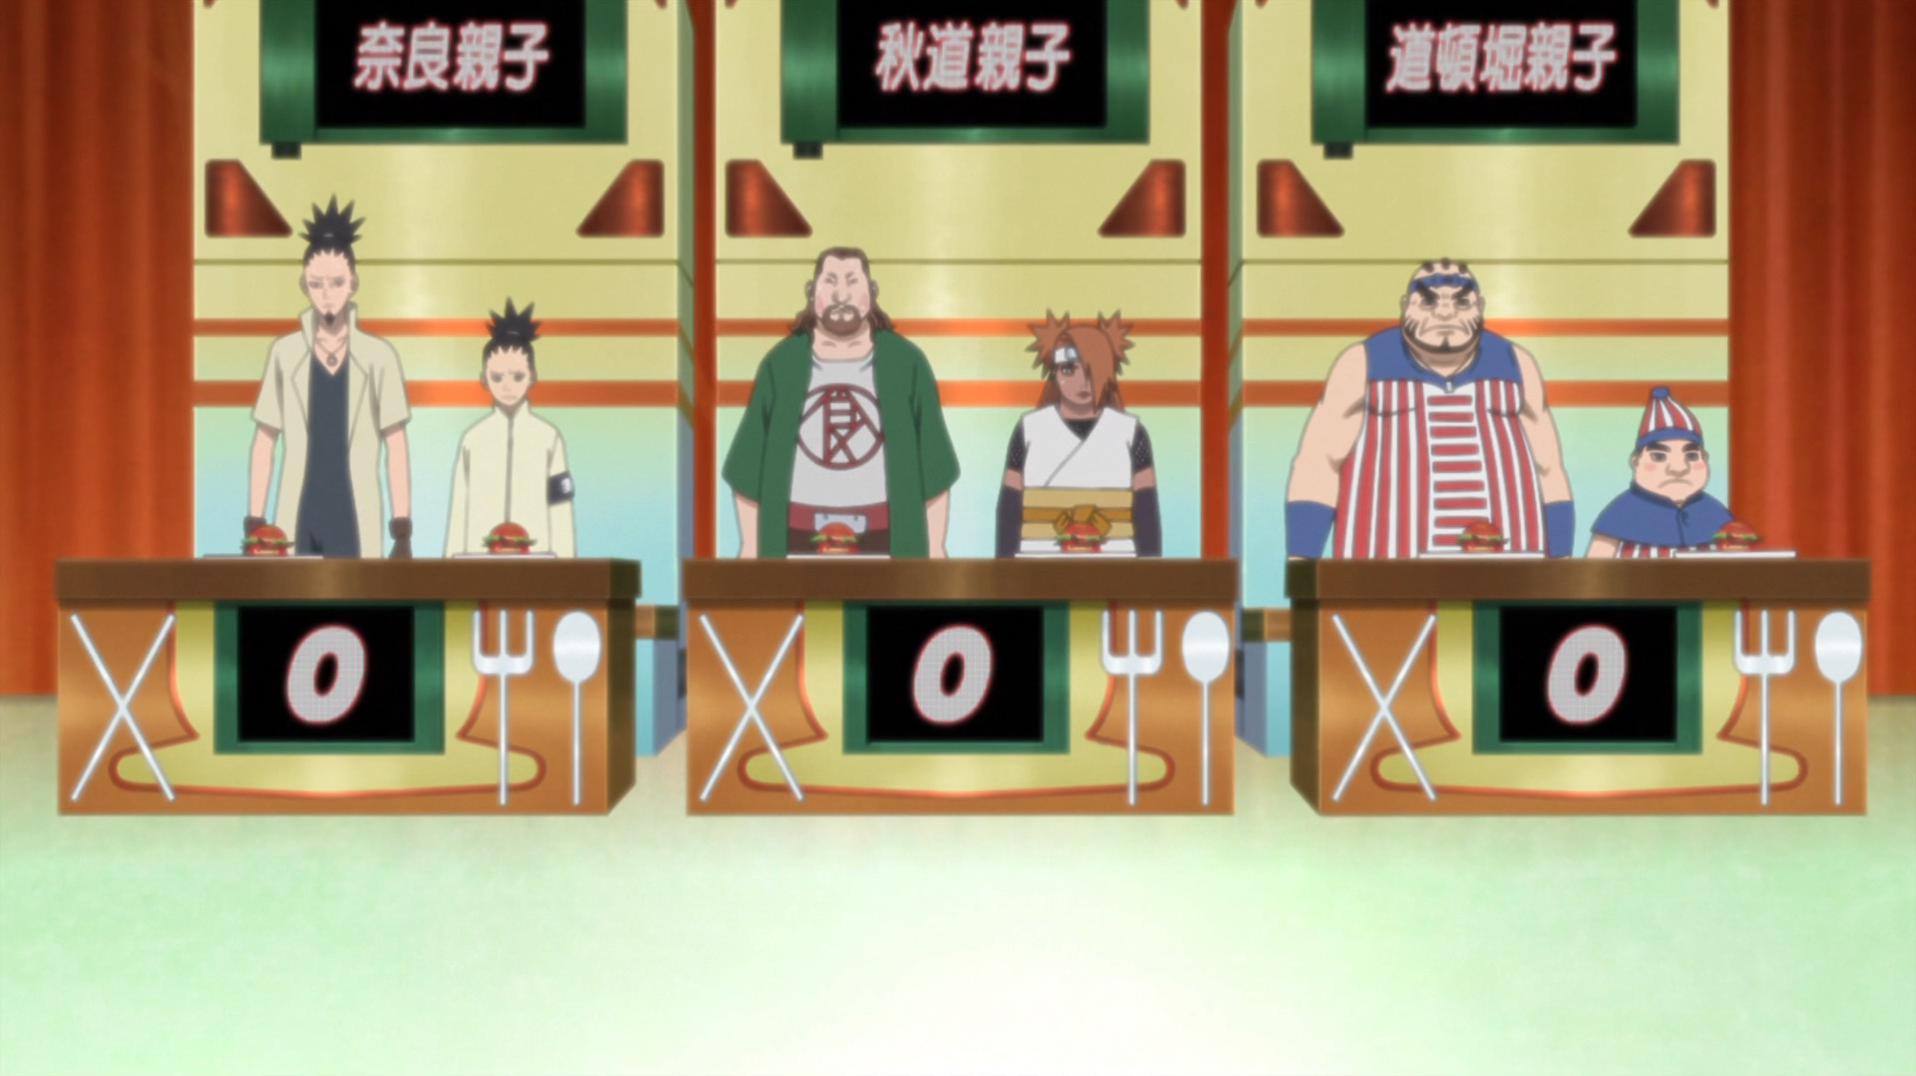 Le Concours des plus gros mangeurs